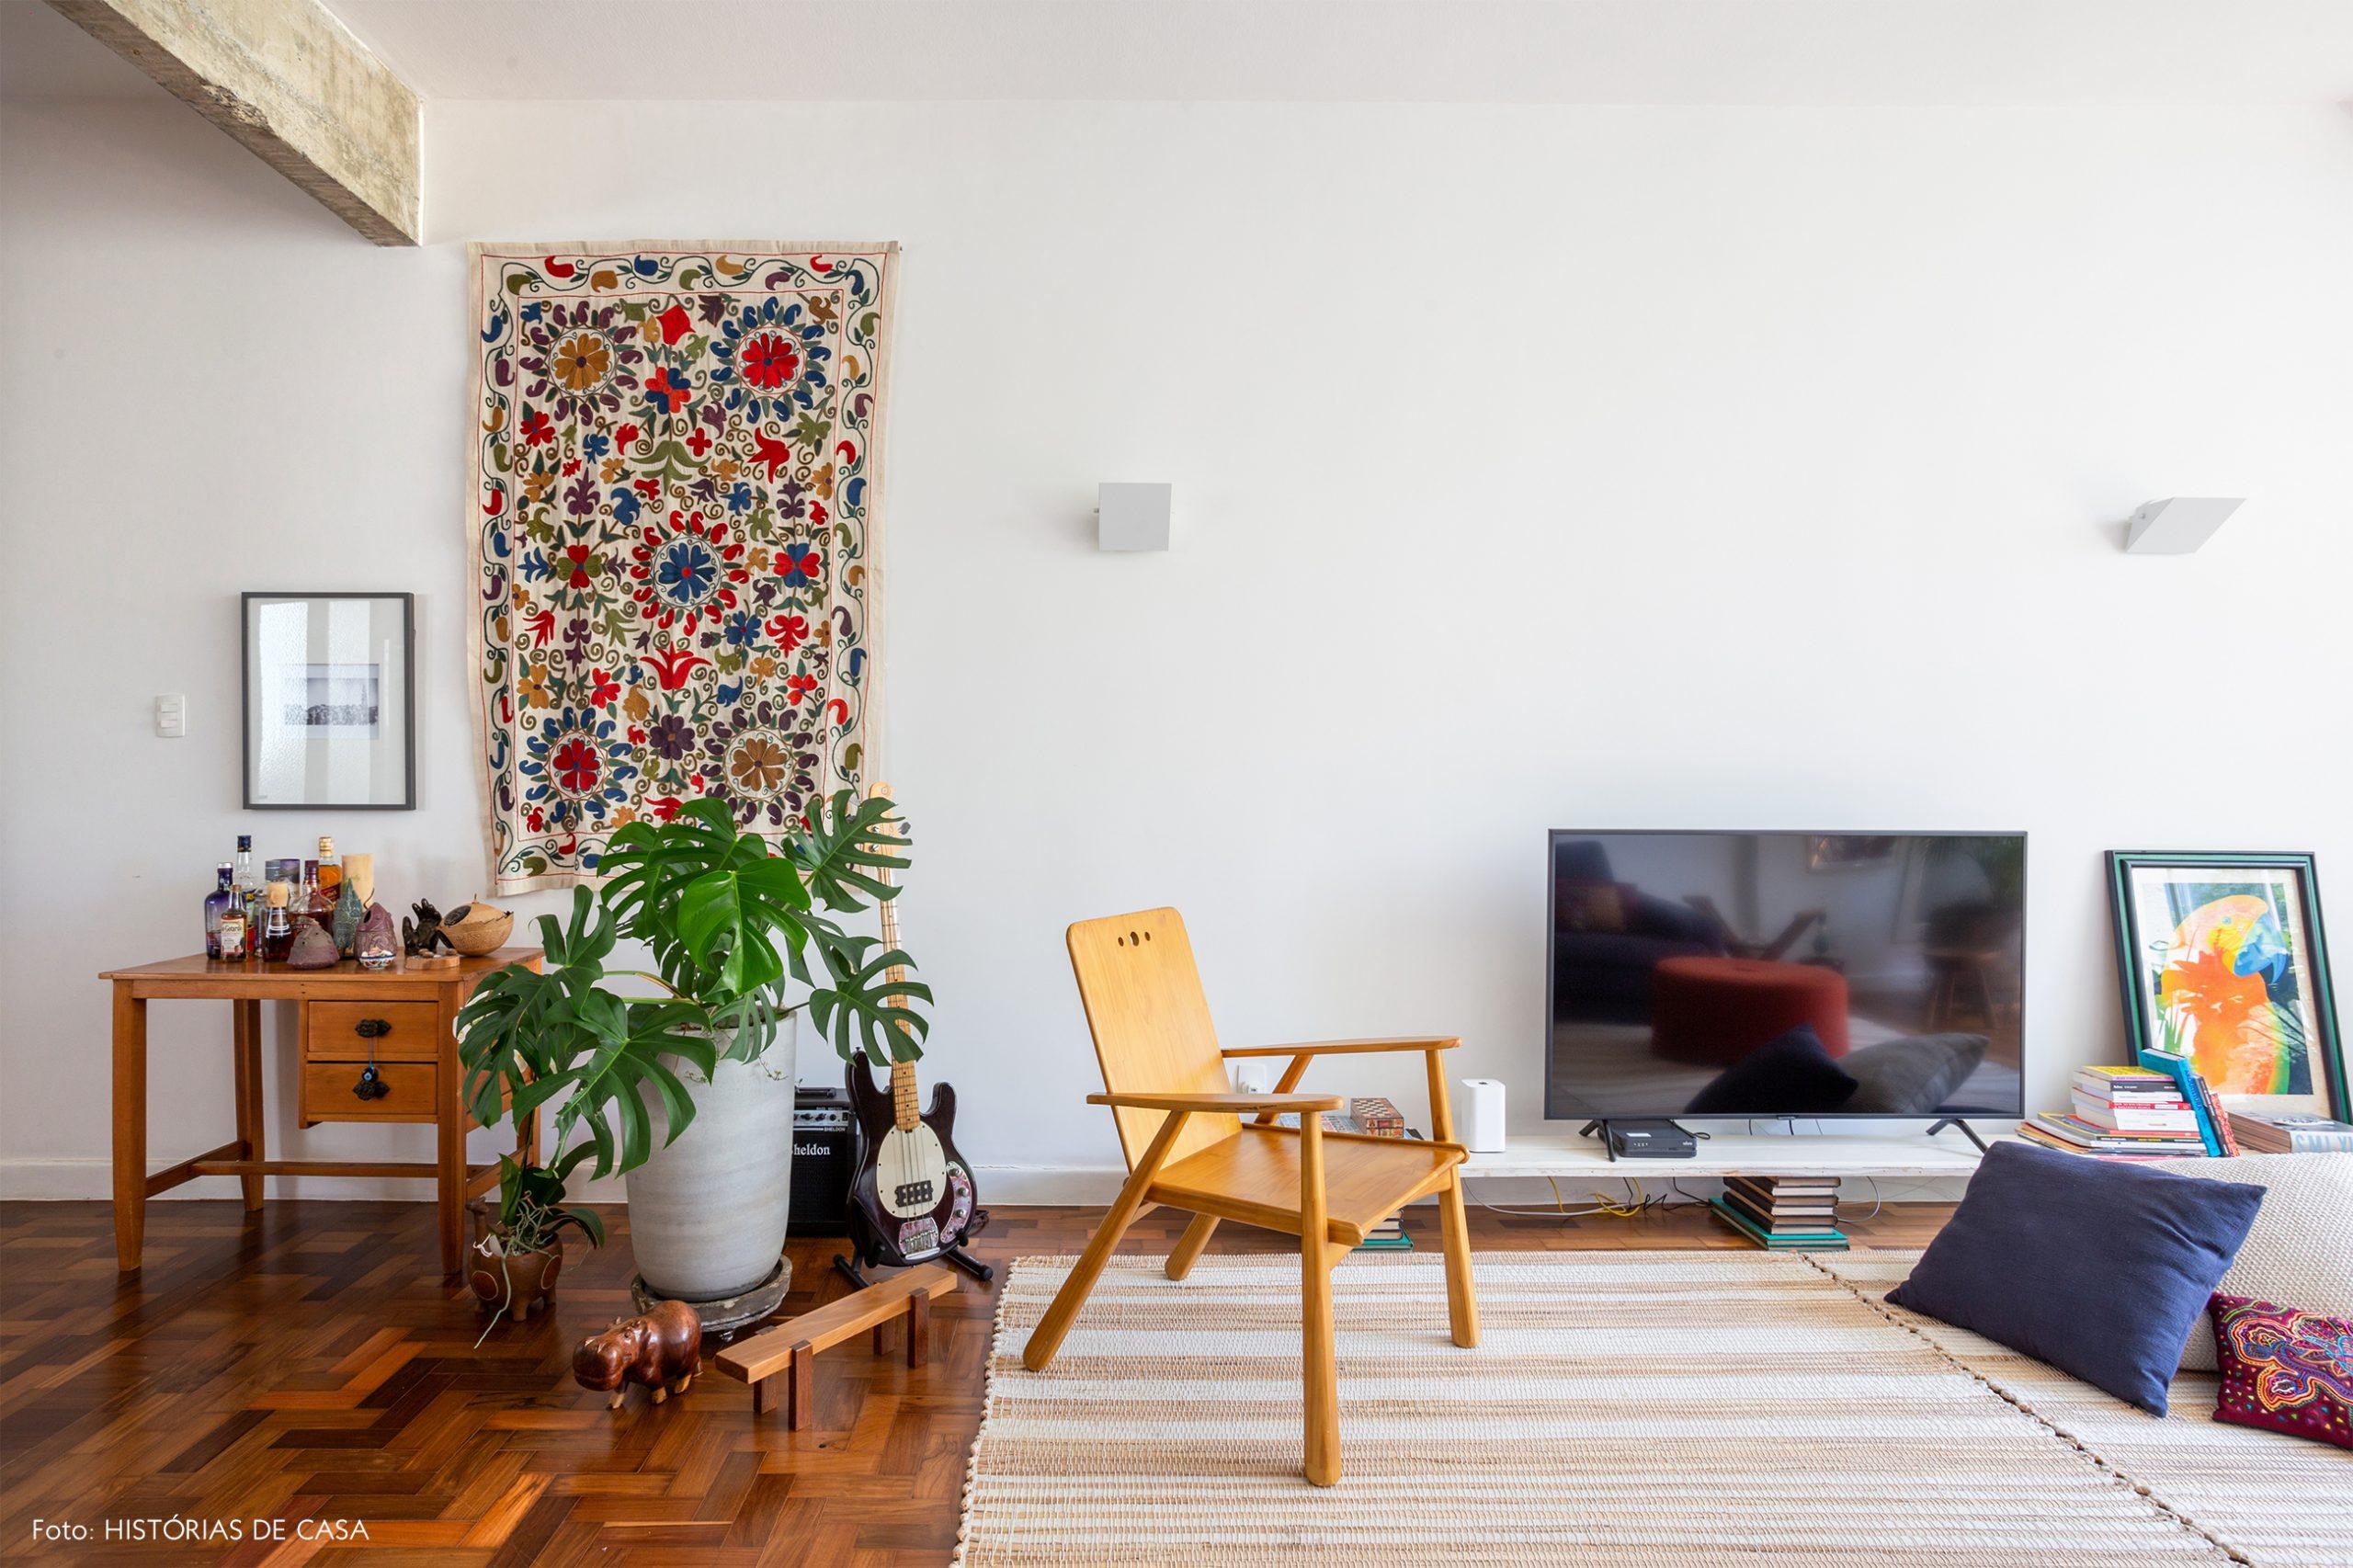 decoração sala com painel de tecido na parede, cadeira de madeira e almofadas no chão